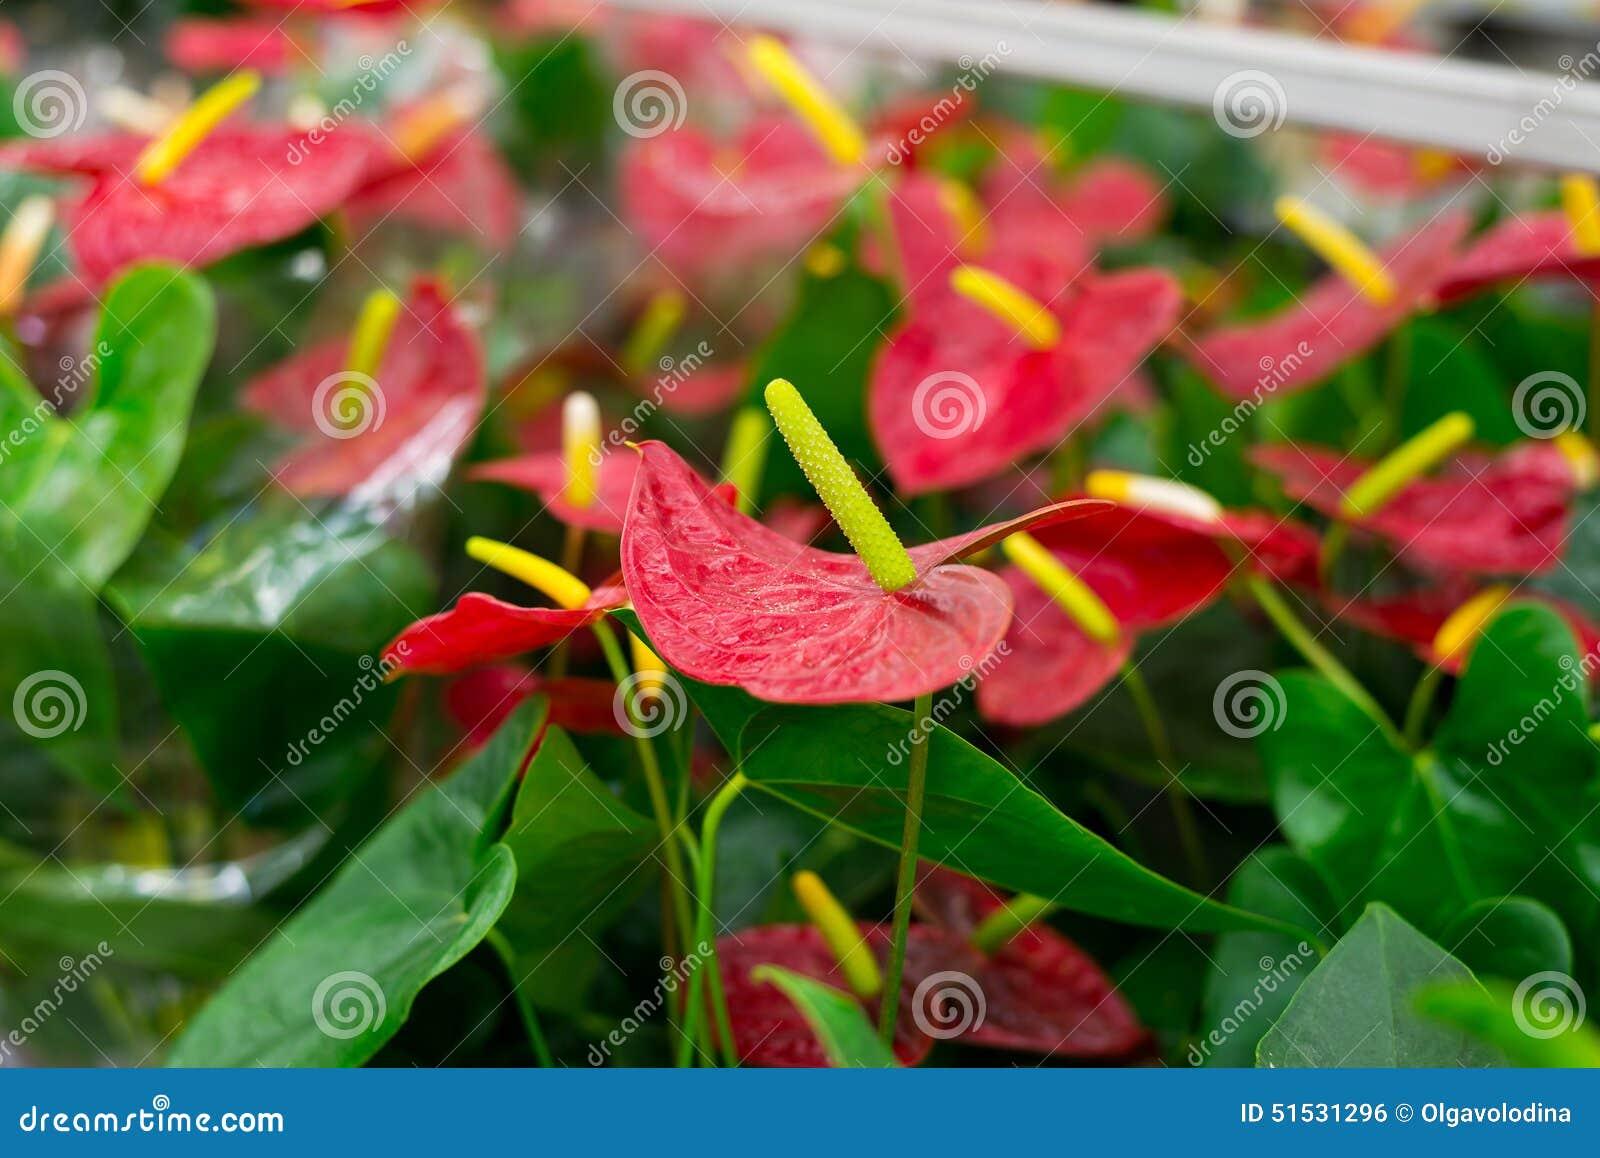 Belles Fleurs Tropicales Dans